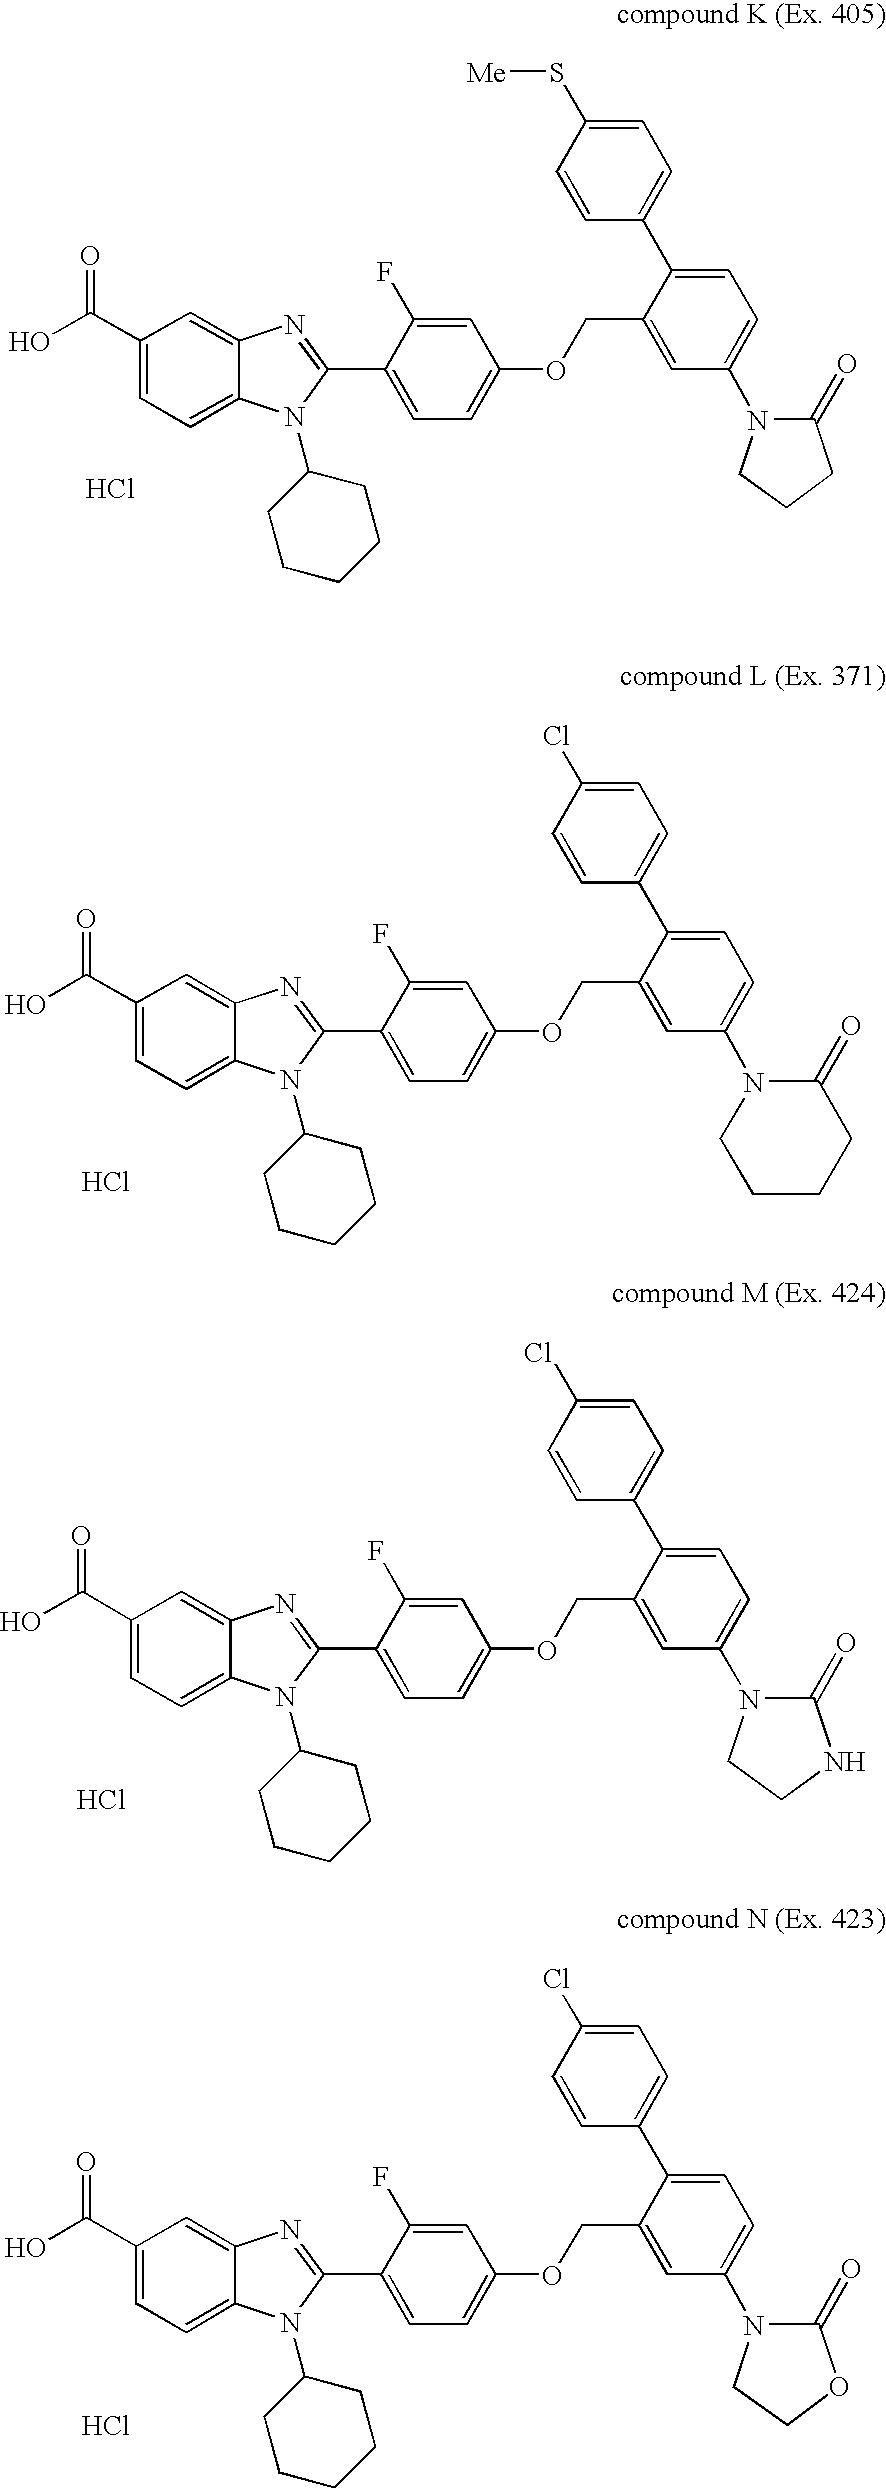 Figure US20070049593A1-20070301-C00013